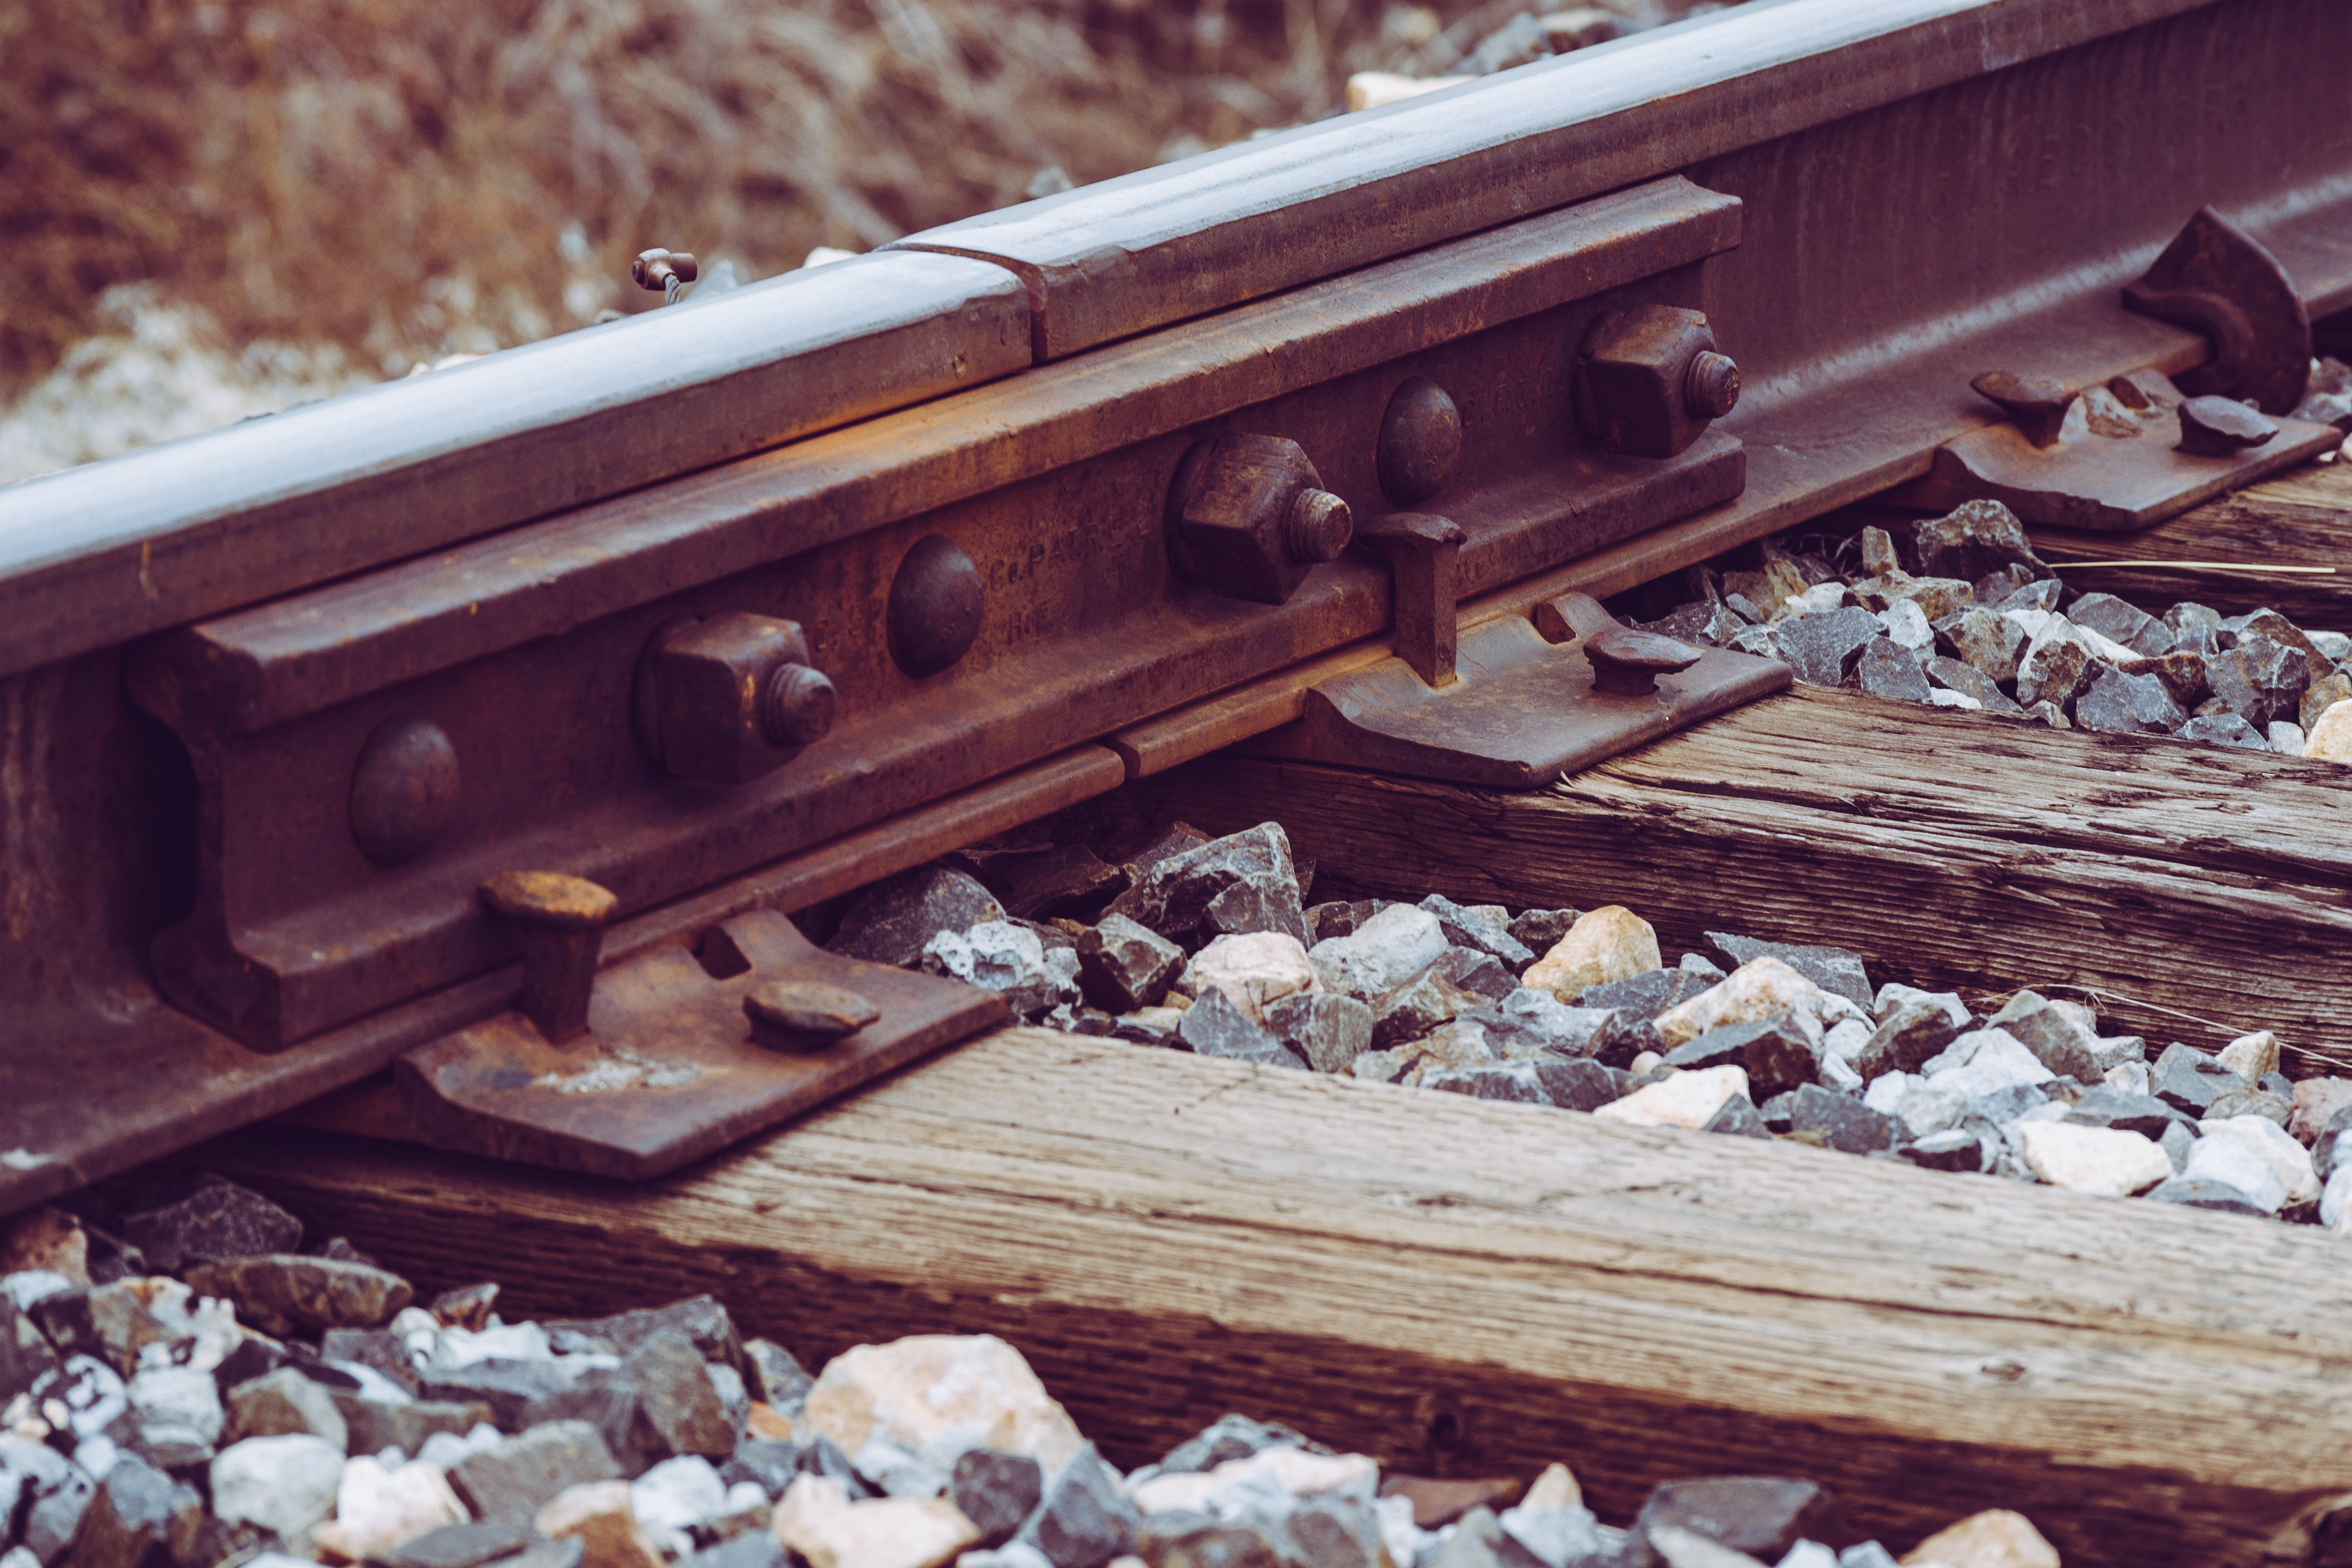 Δωρεάν στοκ φωτογραφιών με βράχια, ΣΙΔΗΡΟΔΡΟΜΙΚΗ ΓΡΑΜΜΗ, Σιδηροδρομικός σταθμός, σιδηρόδρομος